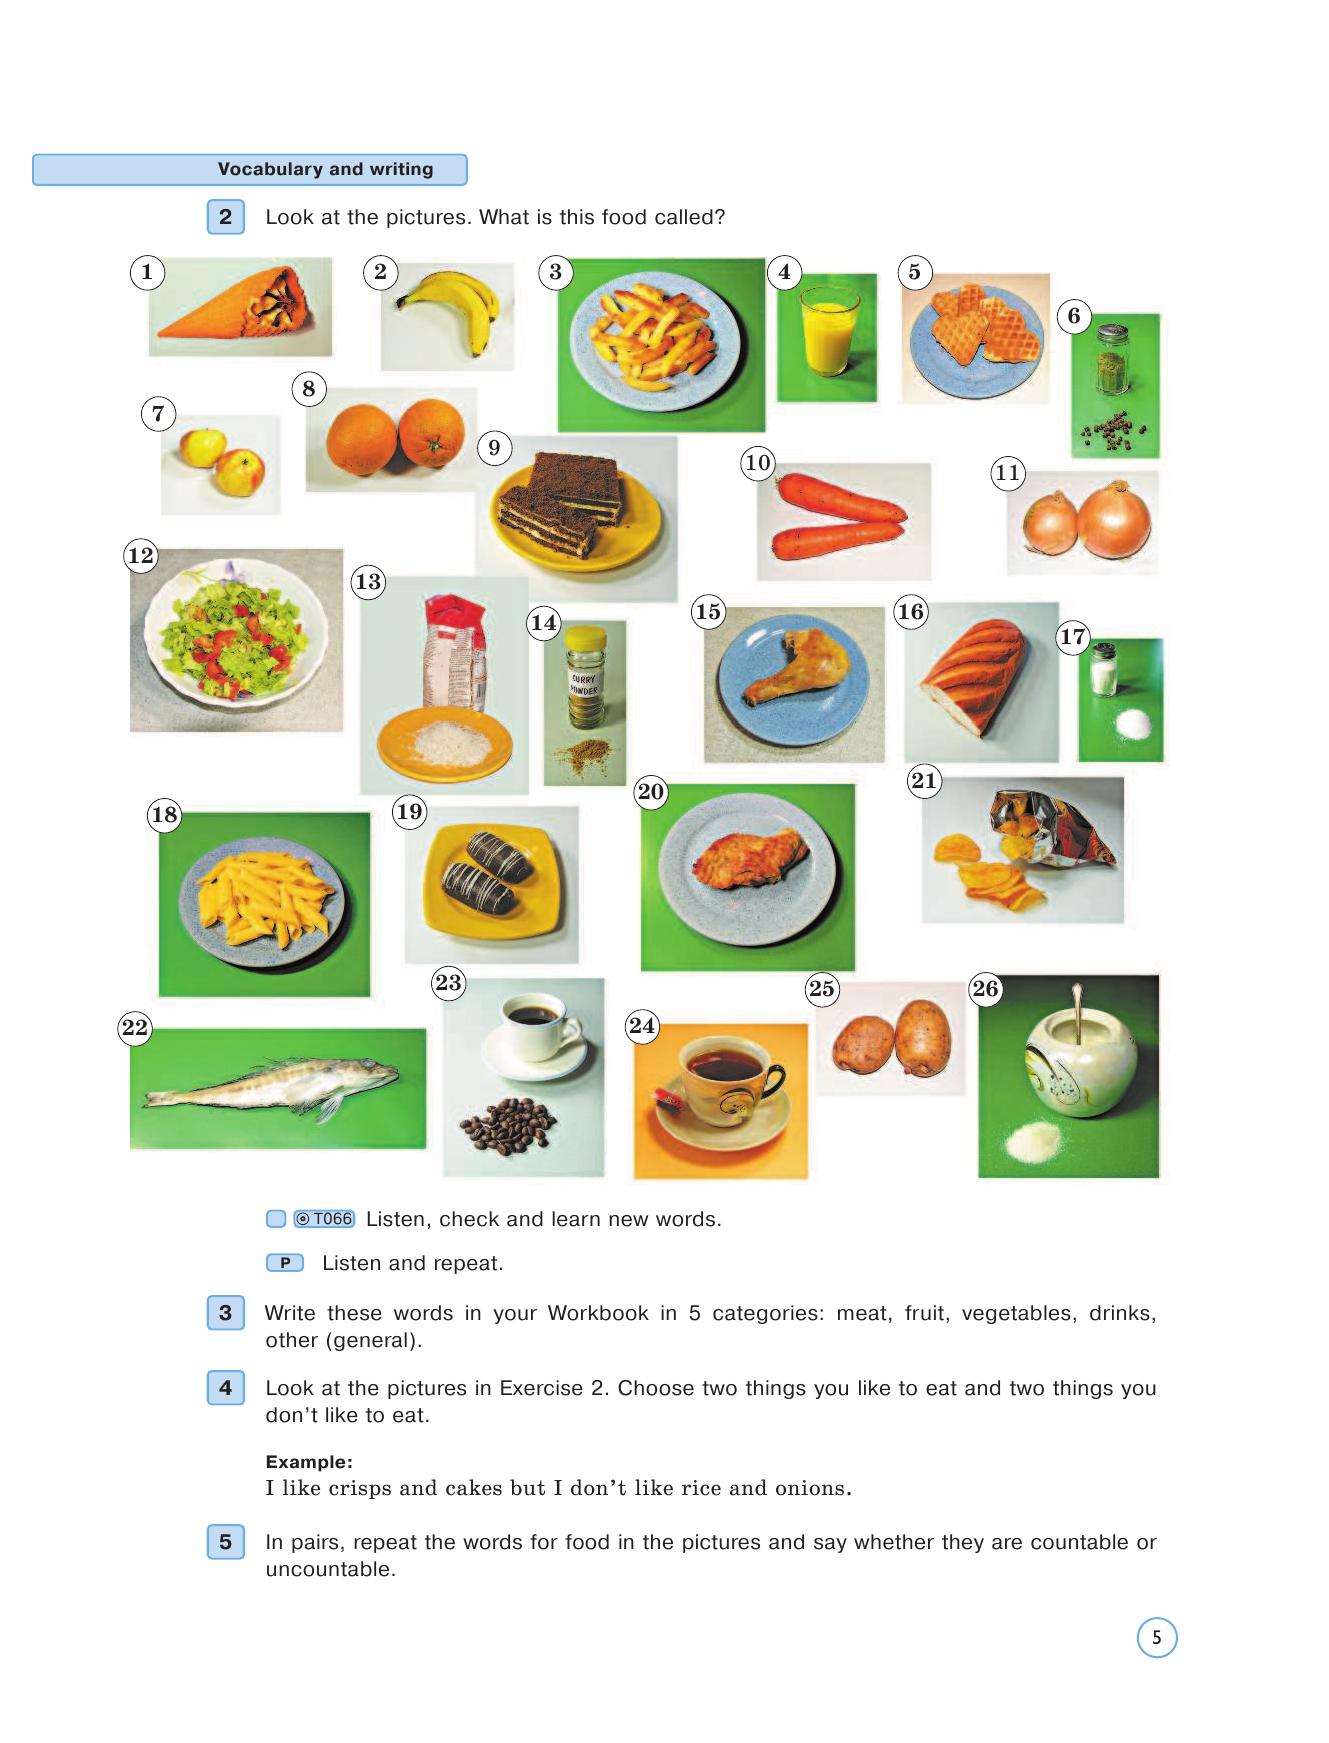 гдз форвард учебник класс онлайн 6